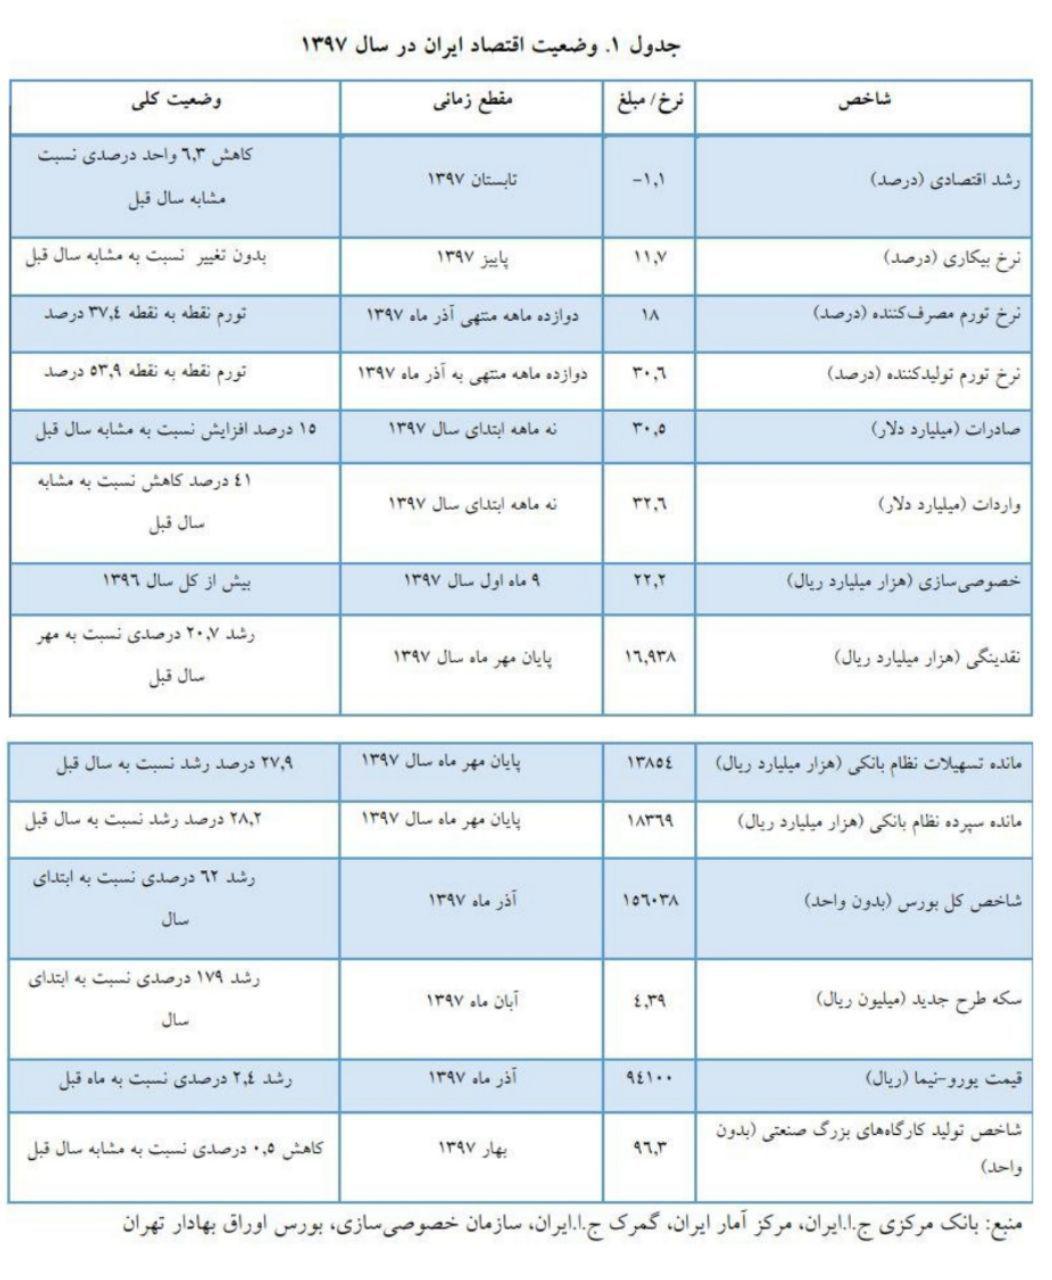 وزارت اقتصاد: تورم  27.8 درصد برای سال جاری